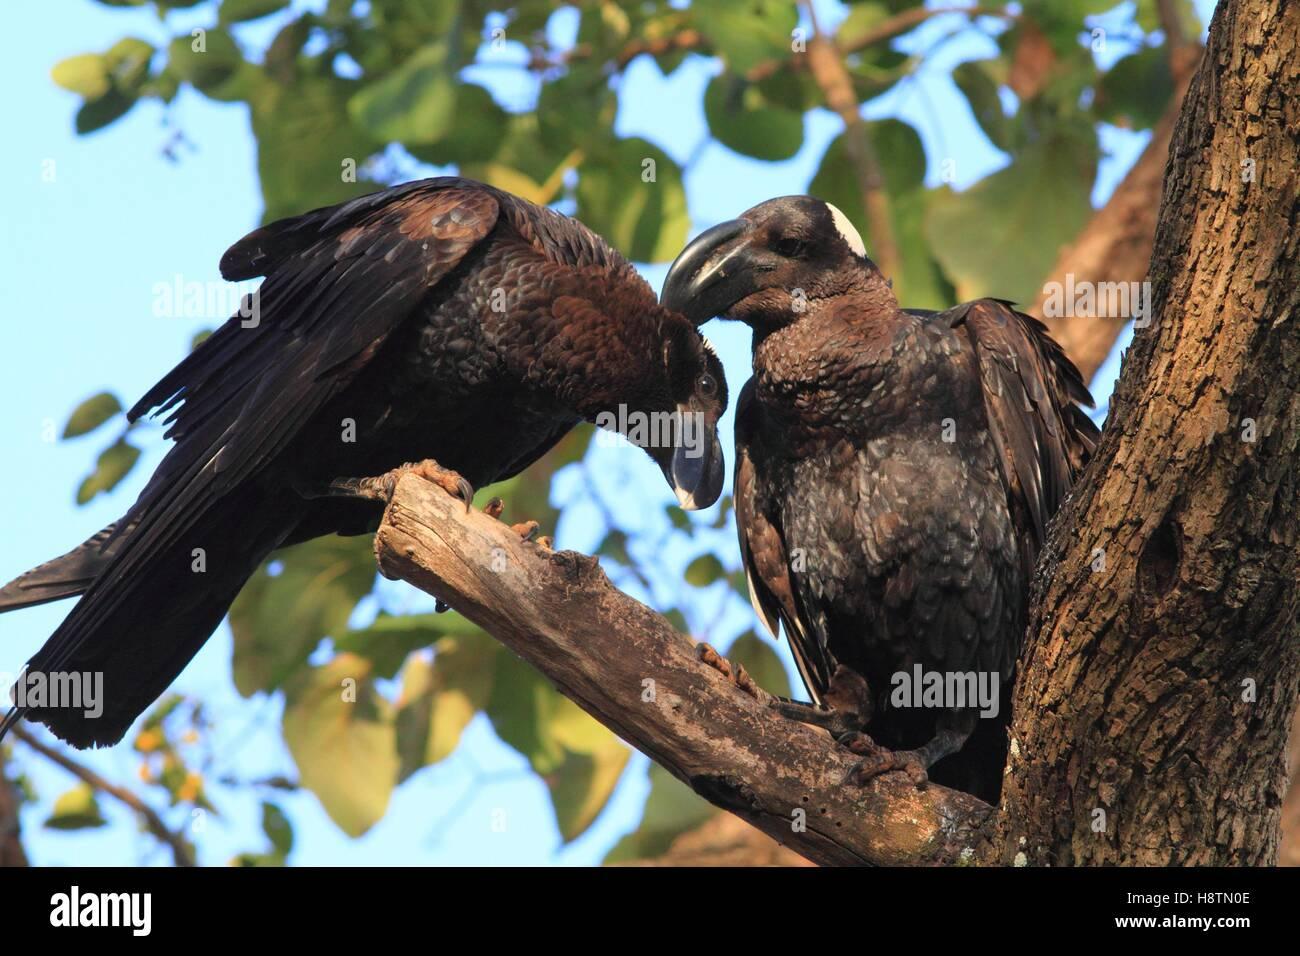 Thick-billed Raven (Corvus crassirostris) courtship behaviour. Ethiopia - Stock Image